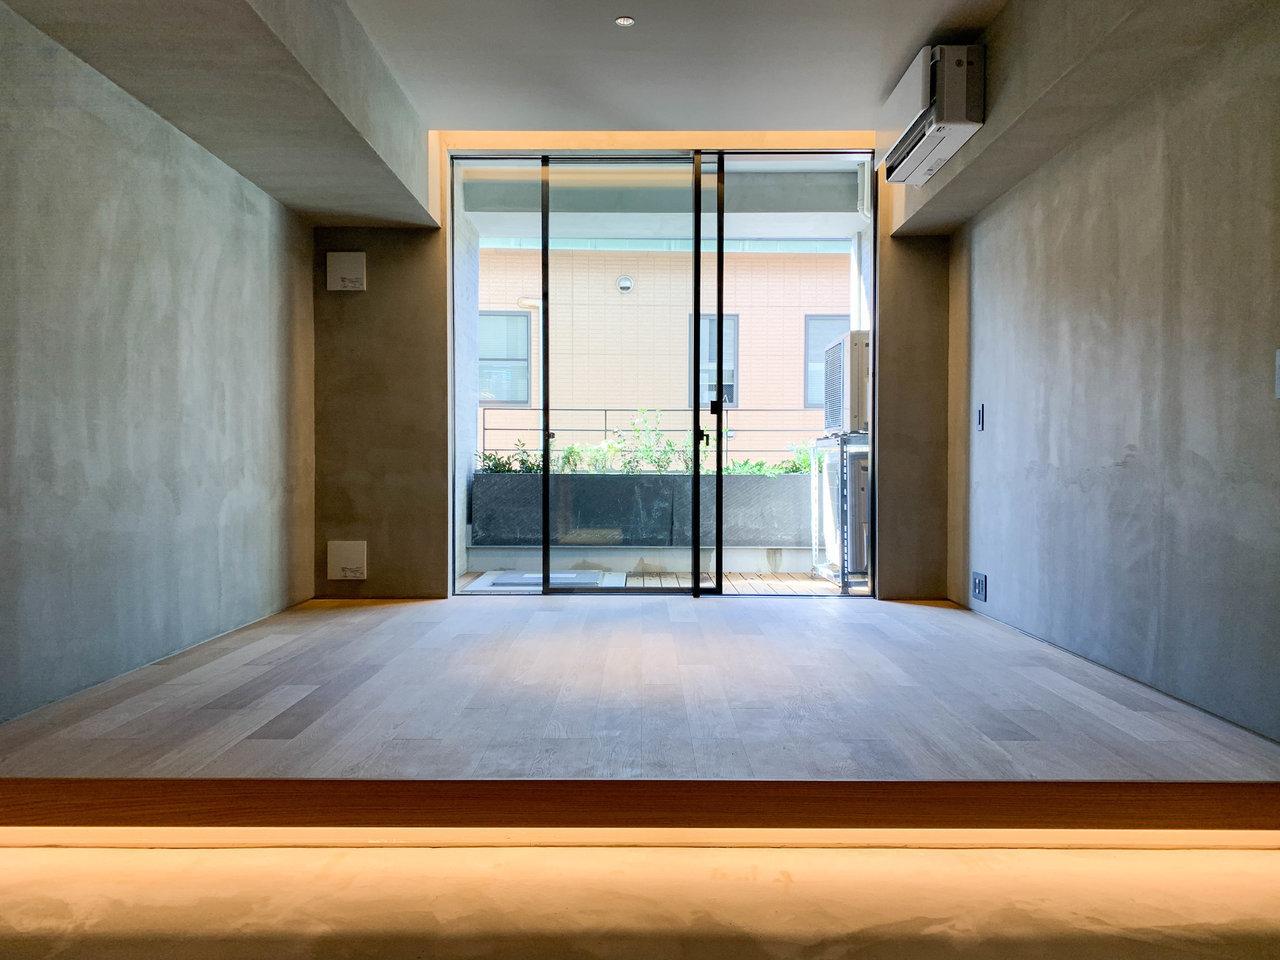 最後にご紹介するのは、デザイン性の高いワンルームのお部屋です。建築家「谷尻誠+吉田愛」のお二人が、デザイン監修を手がけました。あえて仕切りを設けずに、無垢床と土間の段差でエリアを分けた構造で、ライフスタイルに合わせられる、自由度の高い空間に仕上げています。